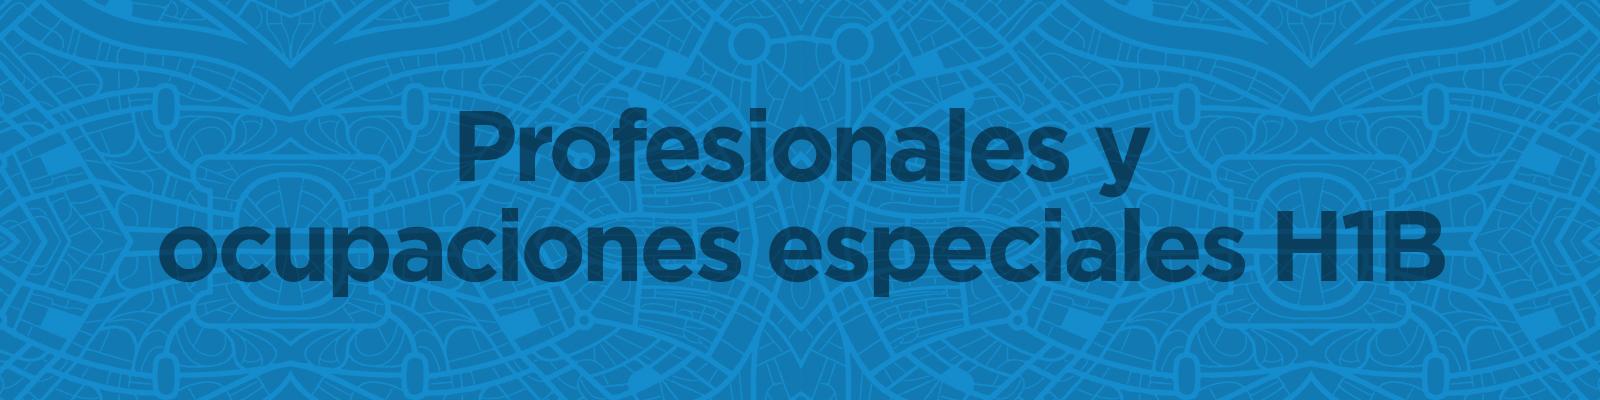 ProfesionalesyOcupaciones